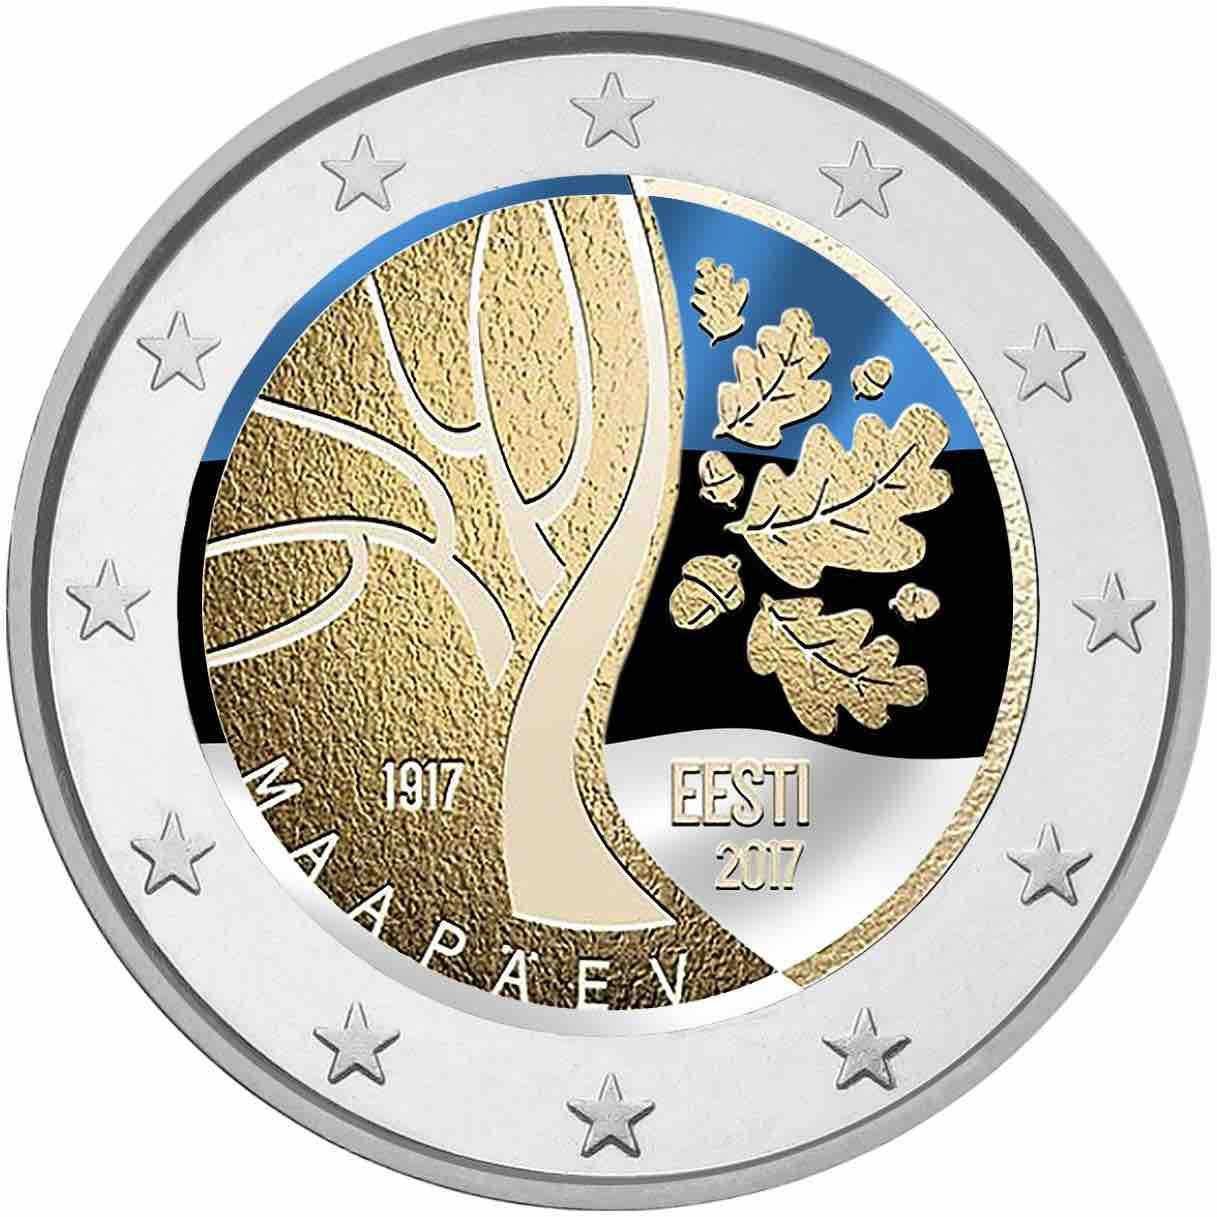 2 Ευρώ, Έγχρωμο, Ο δρόμος για την ανεξαρτησία, Εσθονία, 2017 2 ευρώ